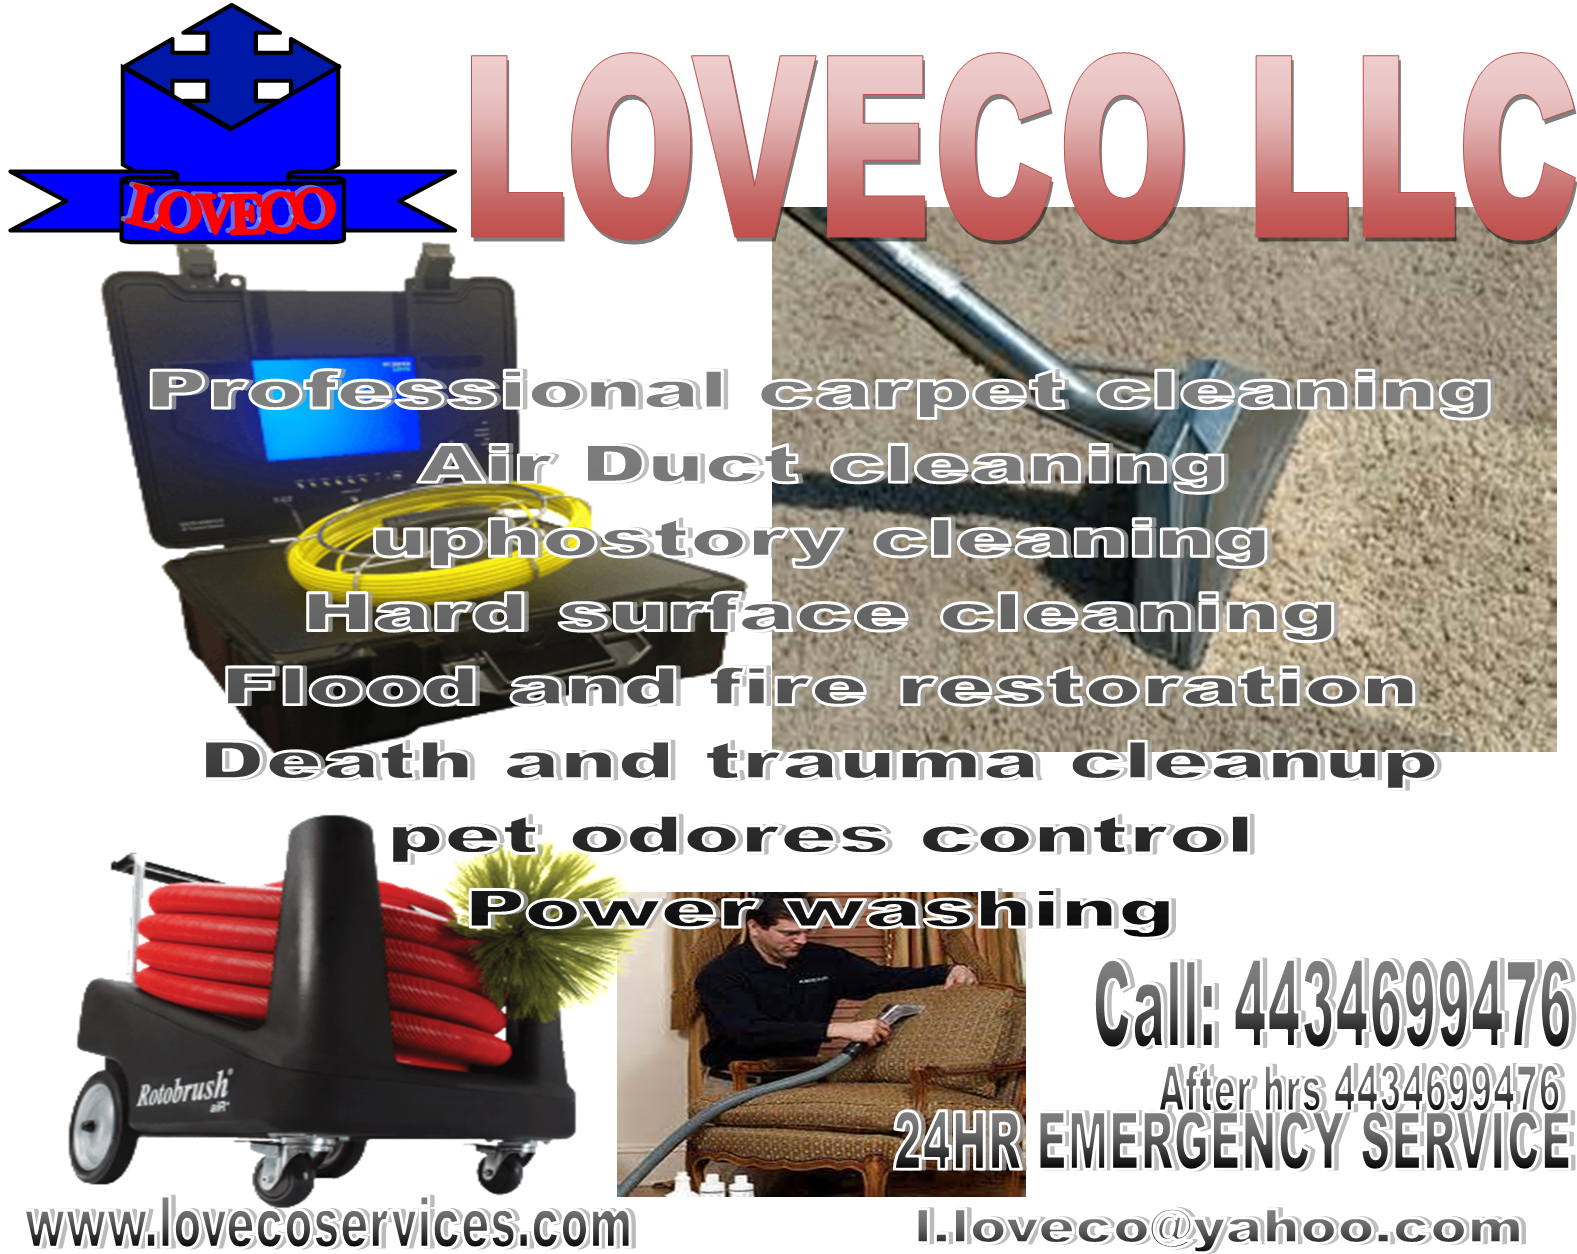 loveco services llc gwynn oak md yp